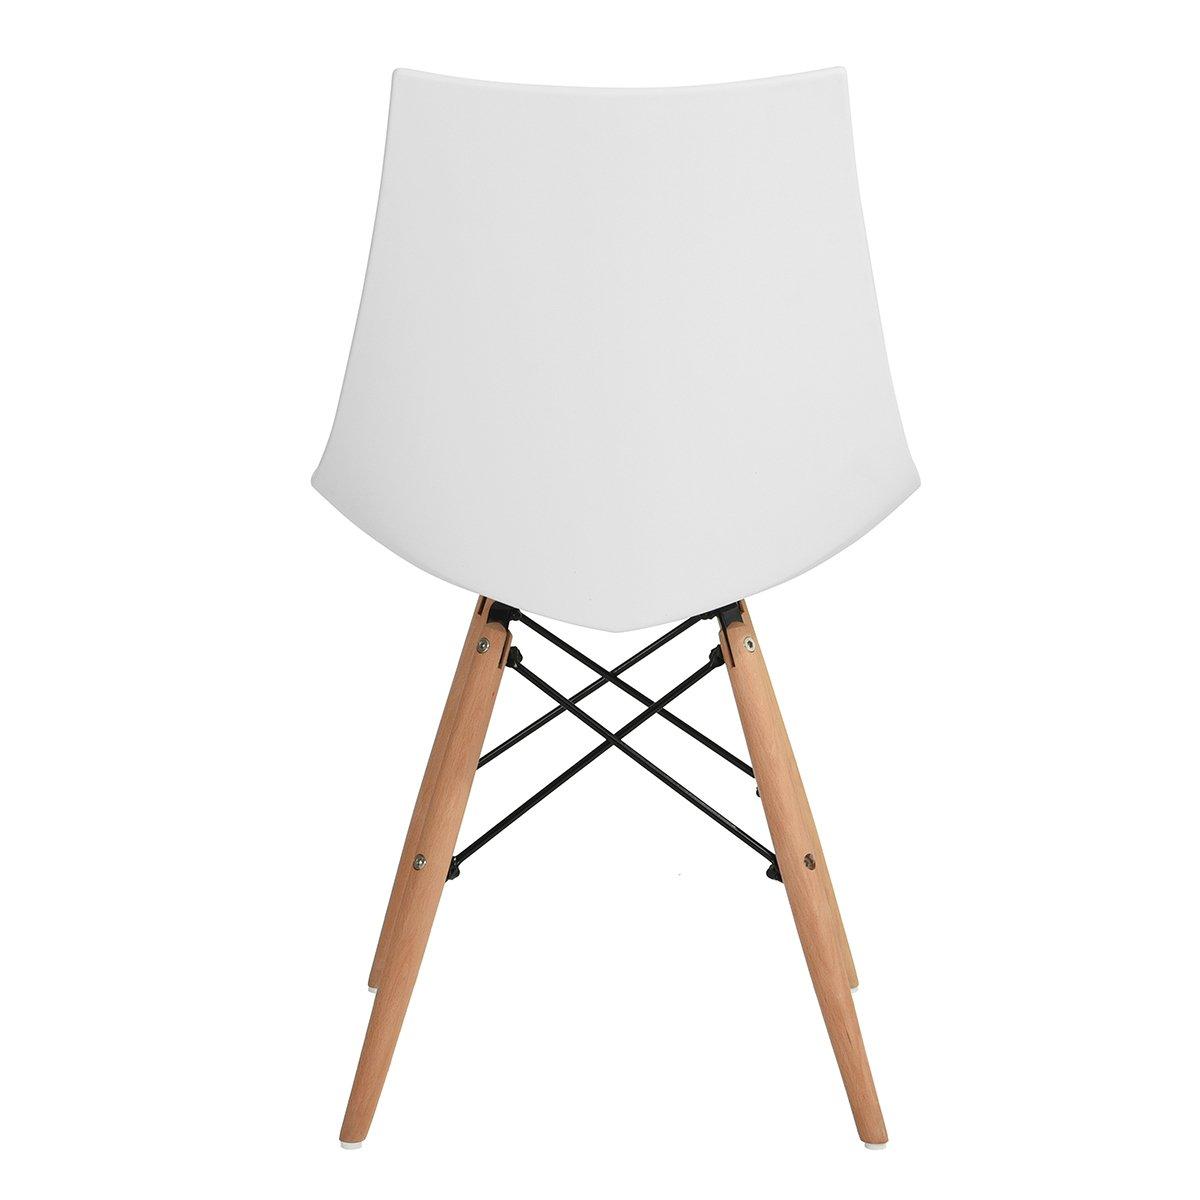 6er set wei holz k chenst hle retro gepolsterter b rostuhl esszimmer 50 48 82cm ebay. Black Bedroom Furniture Sets. Home Design Ideas